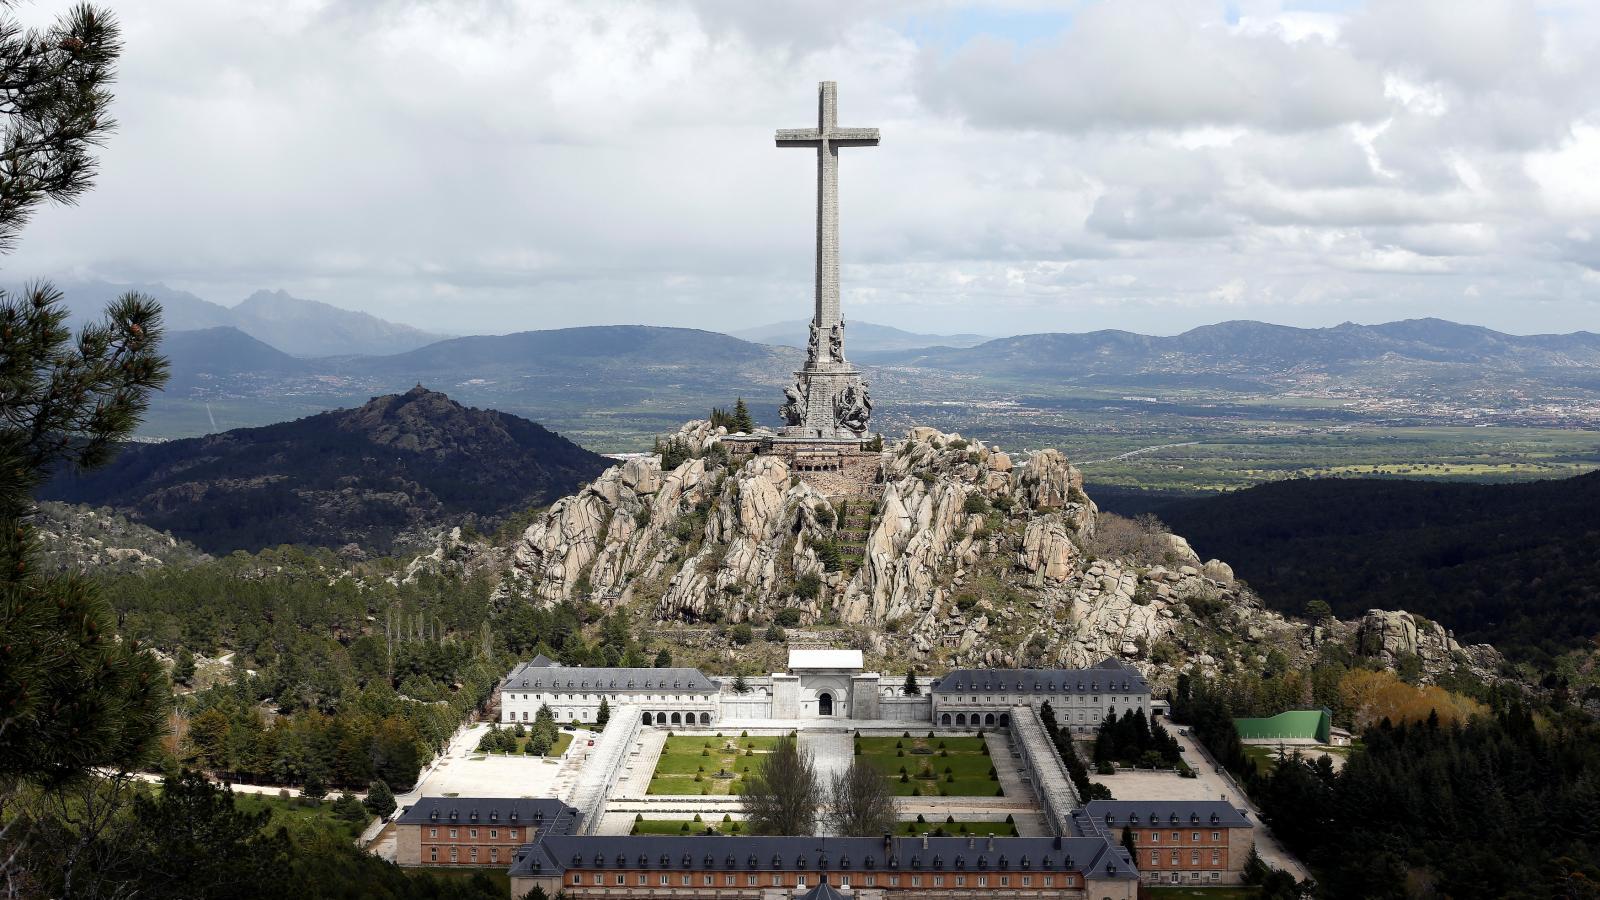 Údolí padlých slouží jako pohřebiště 30 tisíc zemřelých